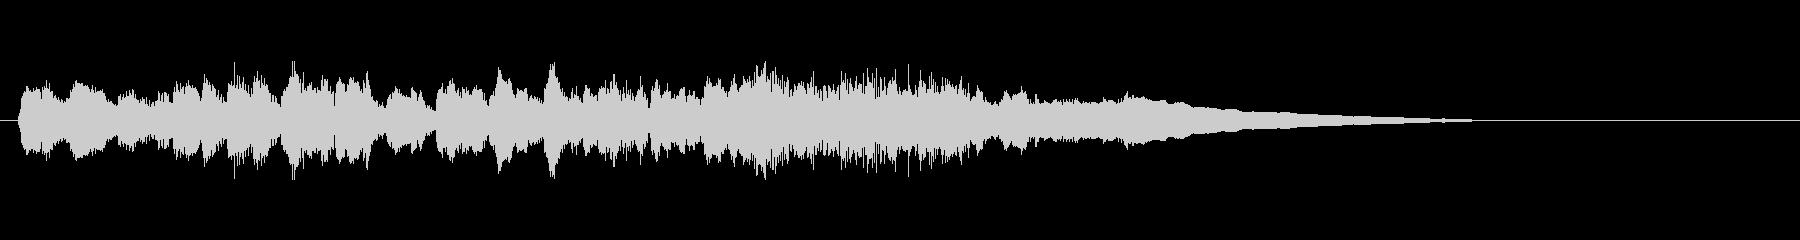 テーマ2:ピアノ、オーボエの未再生の波形